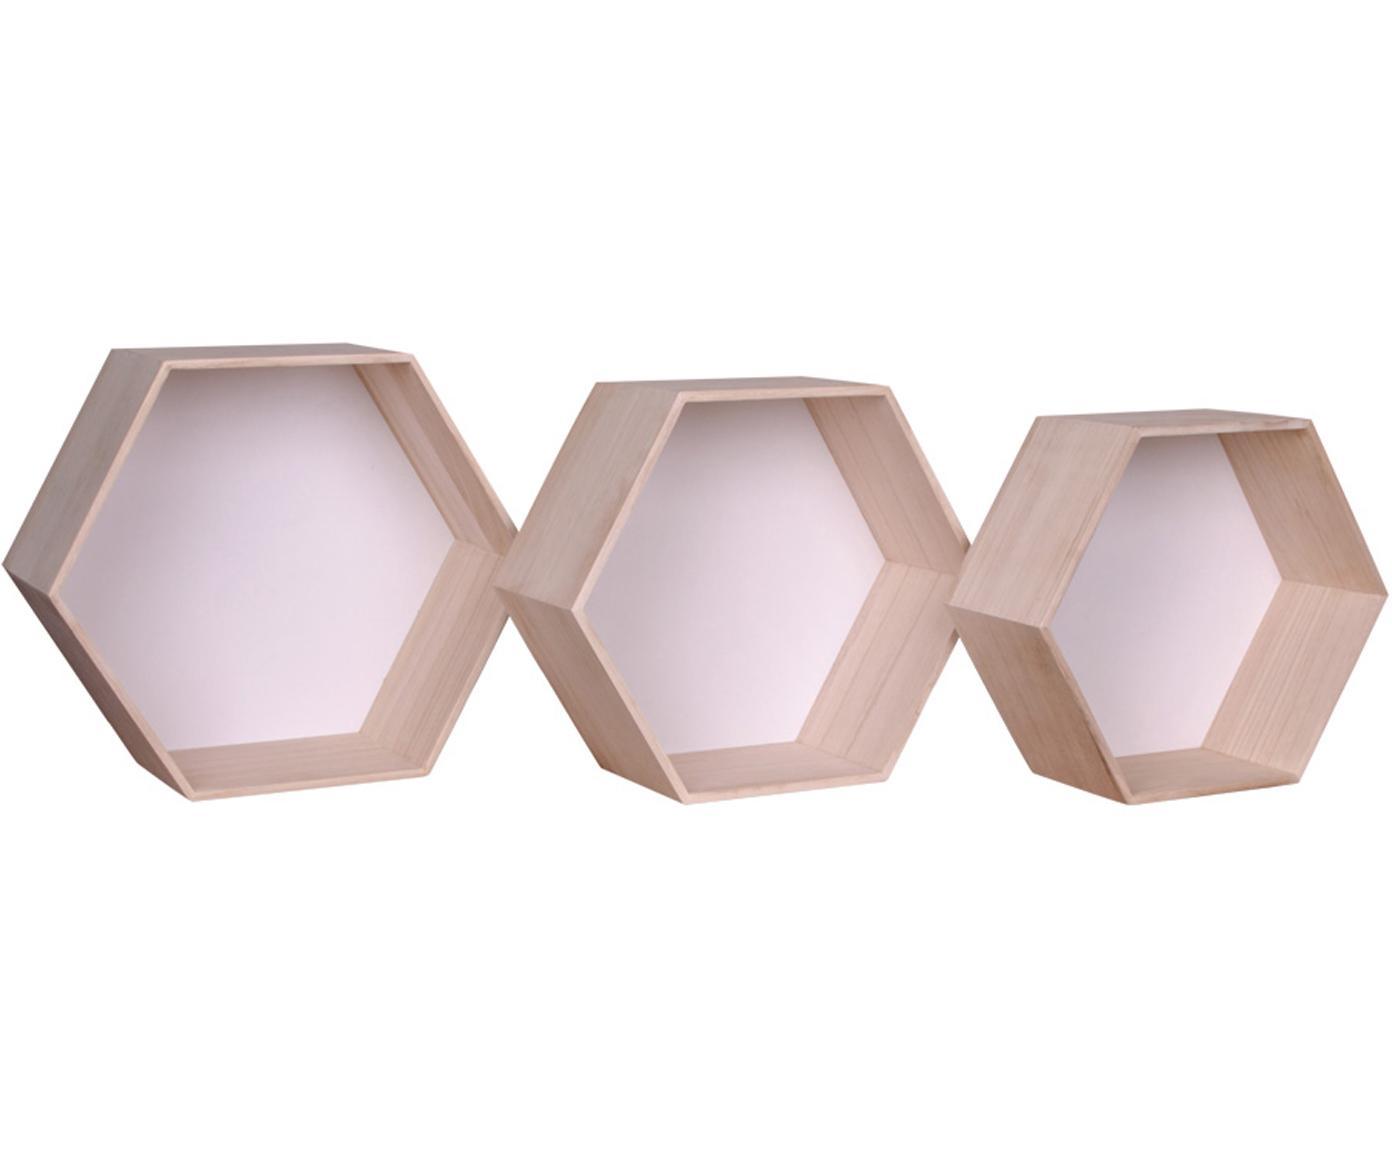 Komplet półek ściennych Garda, 3 elem., Drewno paulownia, Biały, drewno paulownia, Różne rozmiary